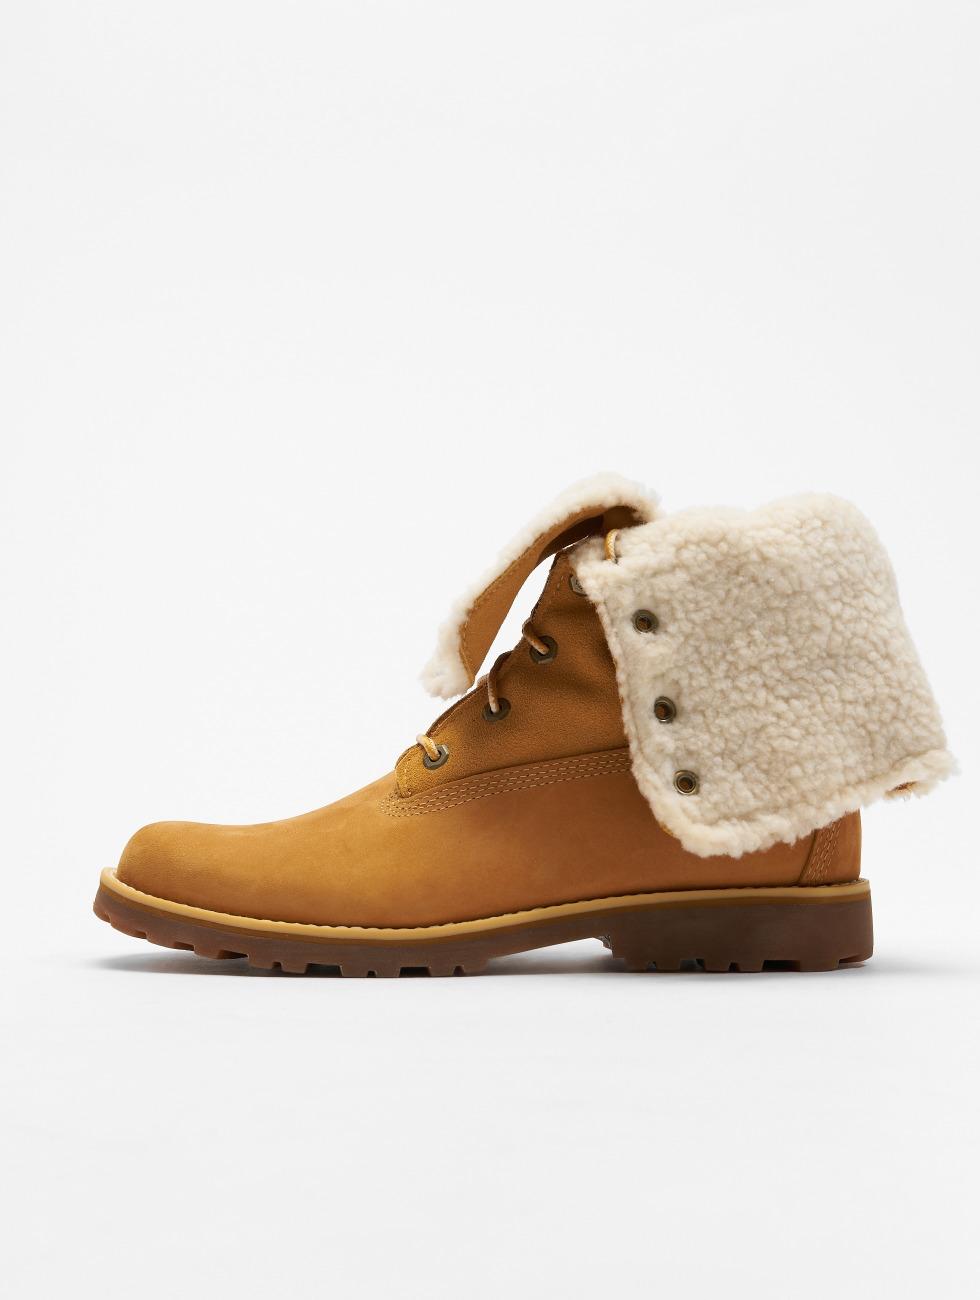 Comfortabele Online Te Koop Timberland schoen / Boots 6 Inch Waterproof Shearling in beige 186475 Populaire Online De Beste Winkel Te Krijgen 2018 Korting QlcXP5jT6q